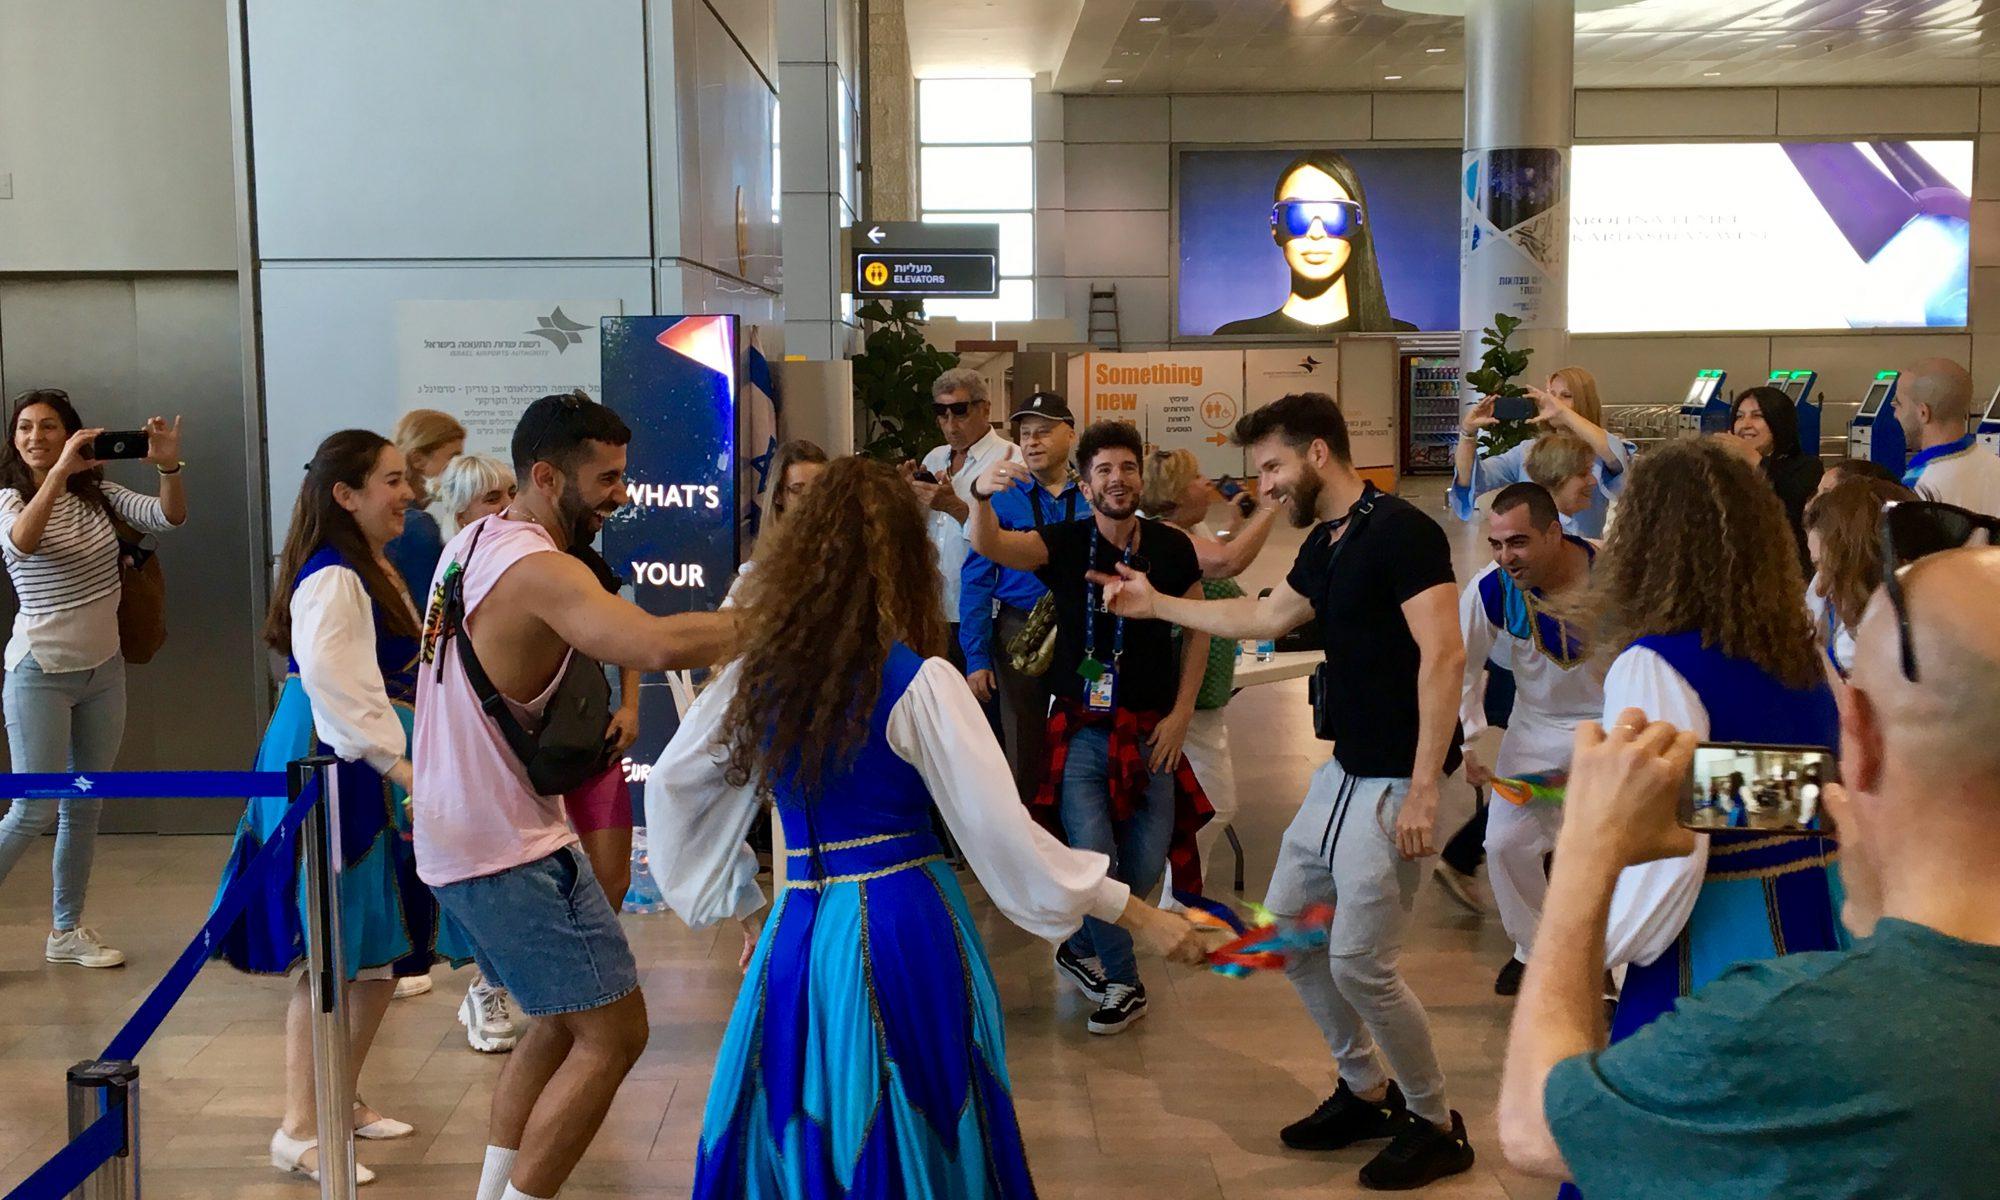 Verabschiedung aus Tel Aviv mit Tanz   Foto: Marc Schulte